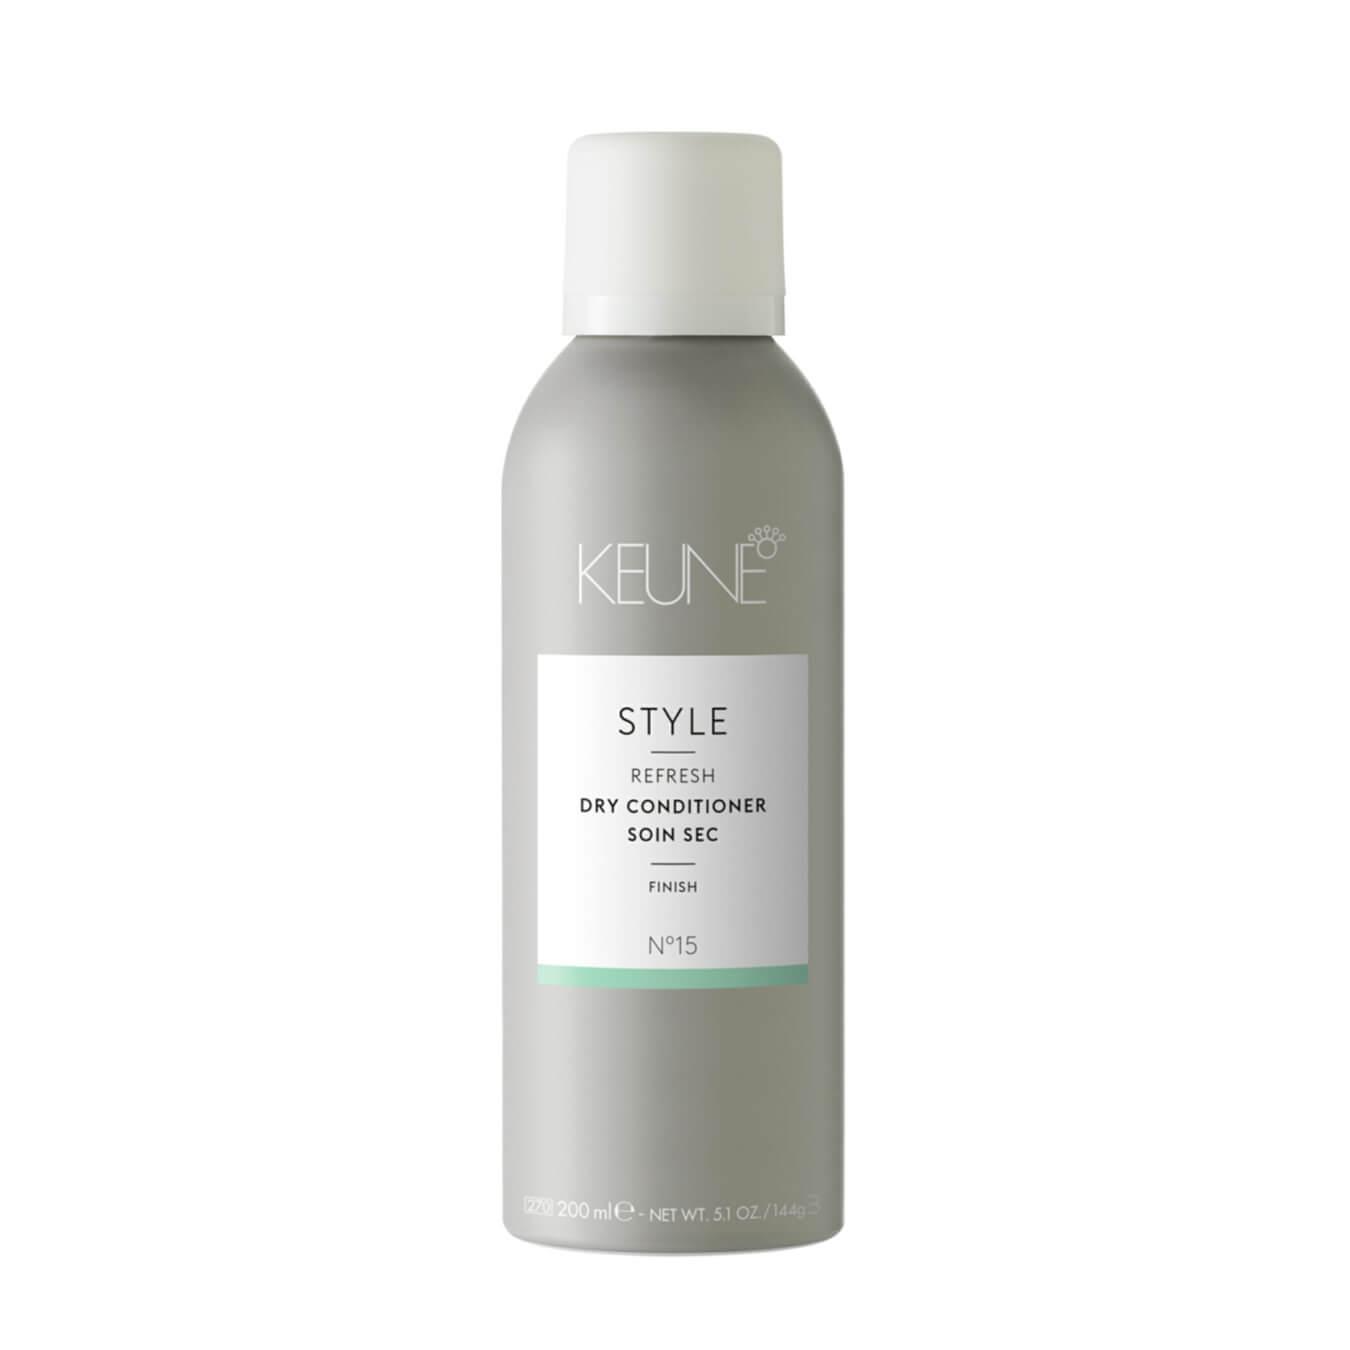 Kauf Keune Style Dry Conditioner 200ml